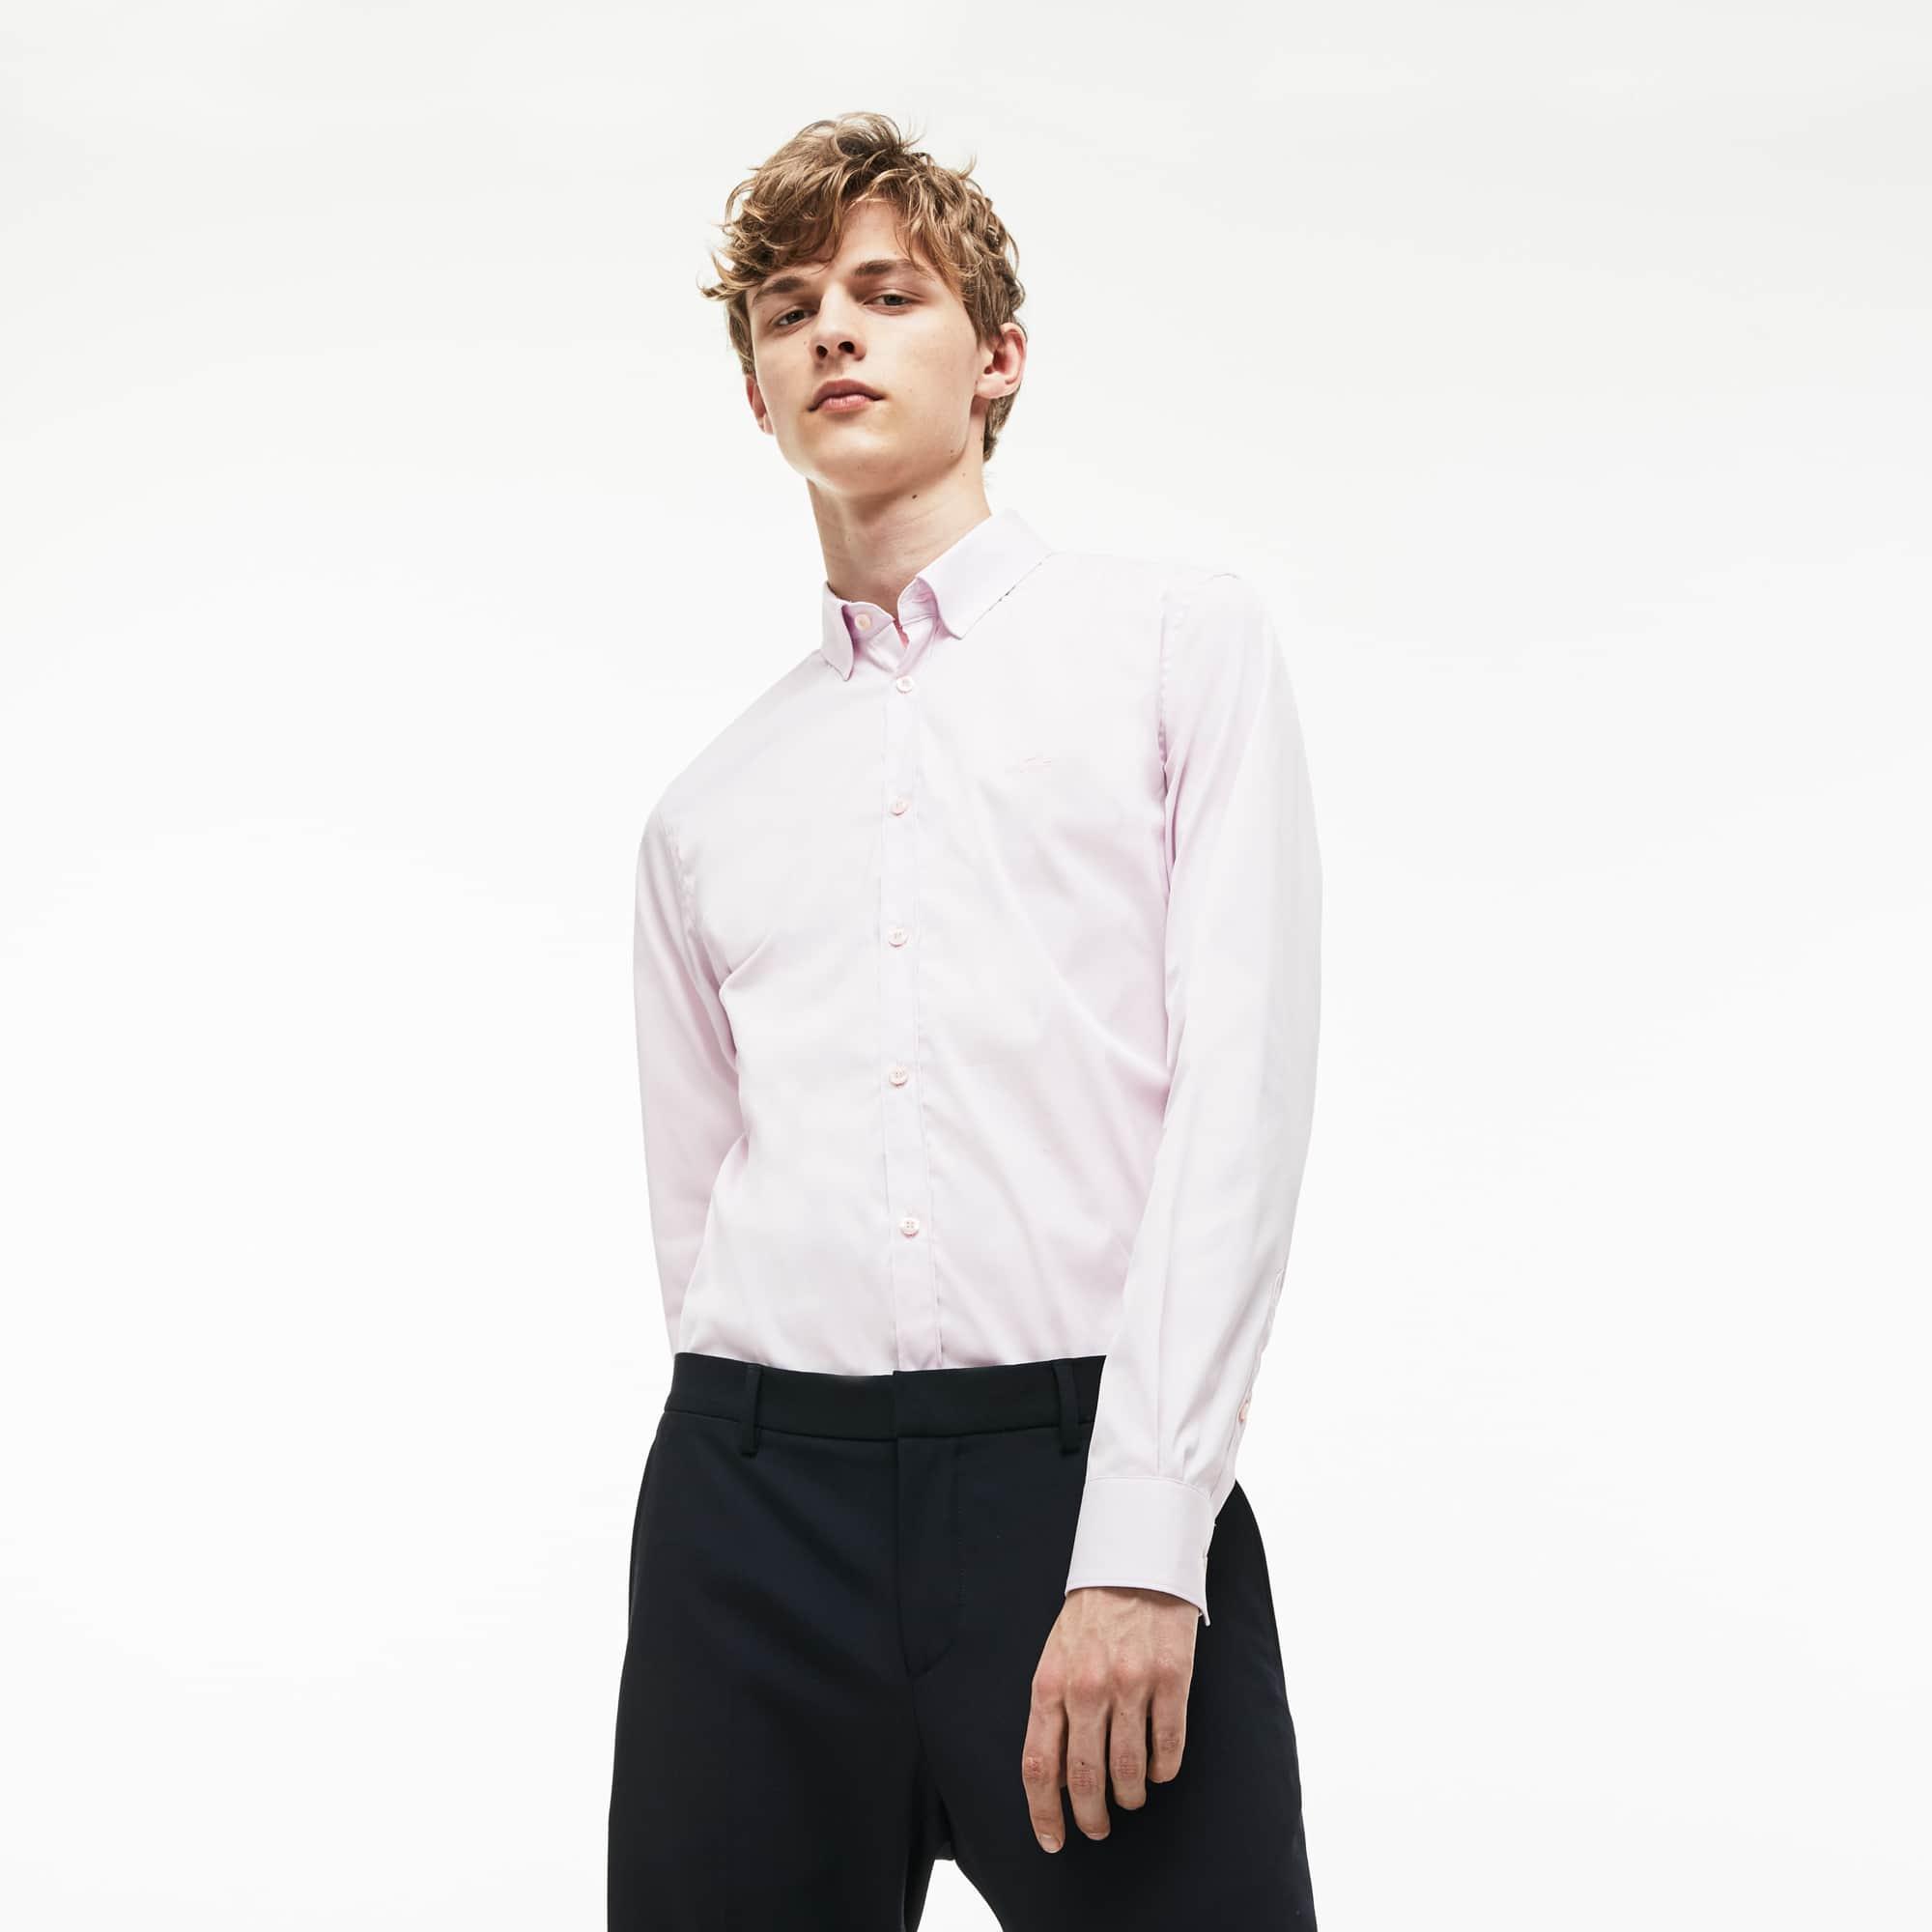 Camisa Slim Fit Masculina em Popelina de Algodão Stretch ... 7a1d0e8256